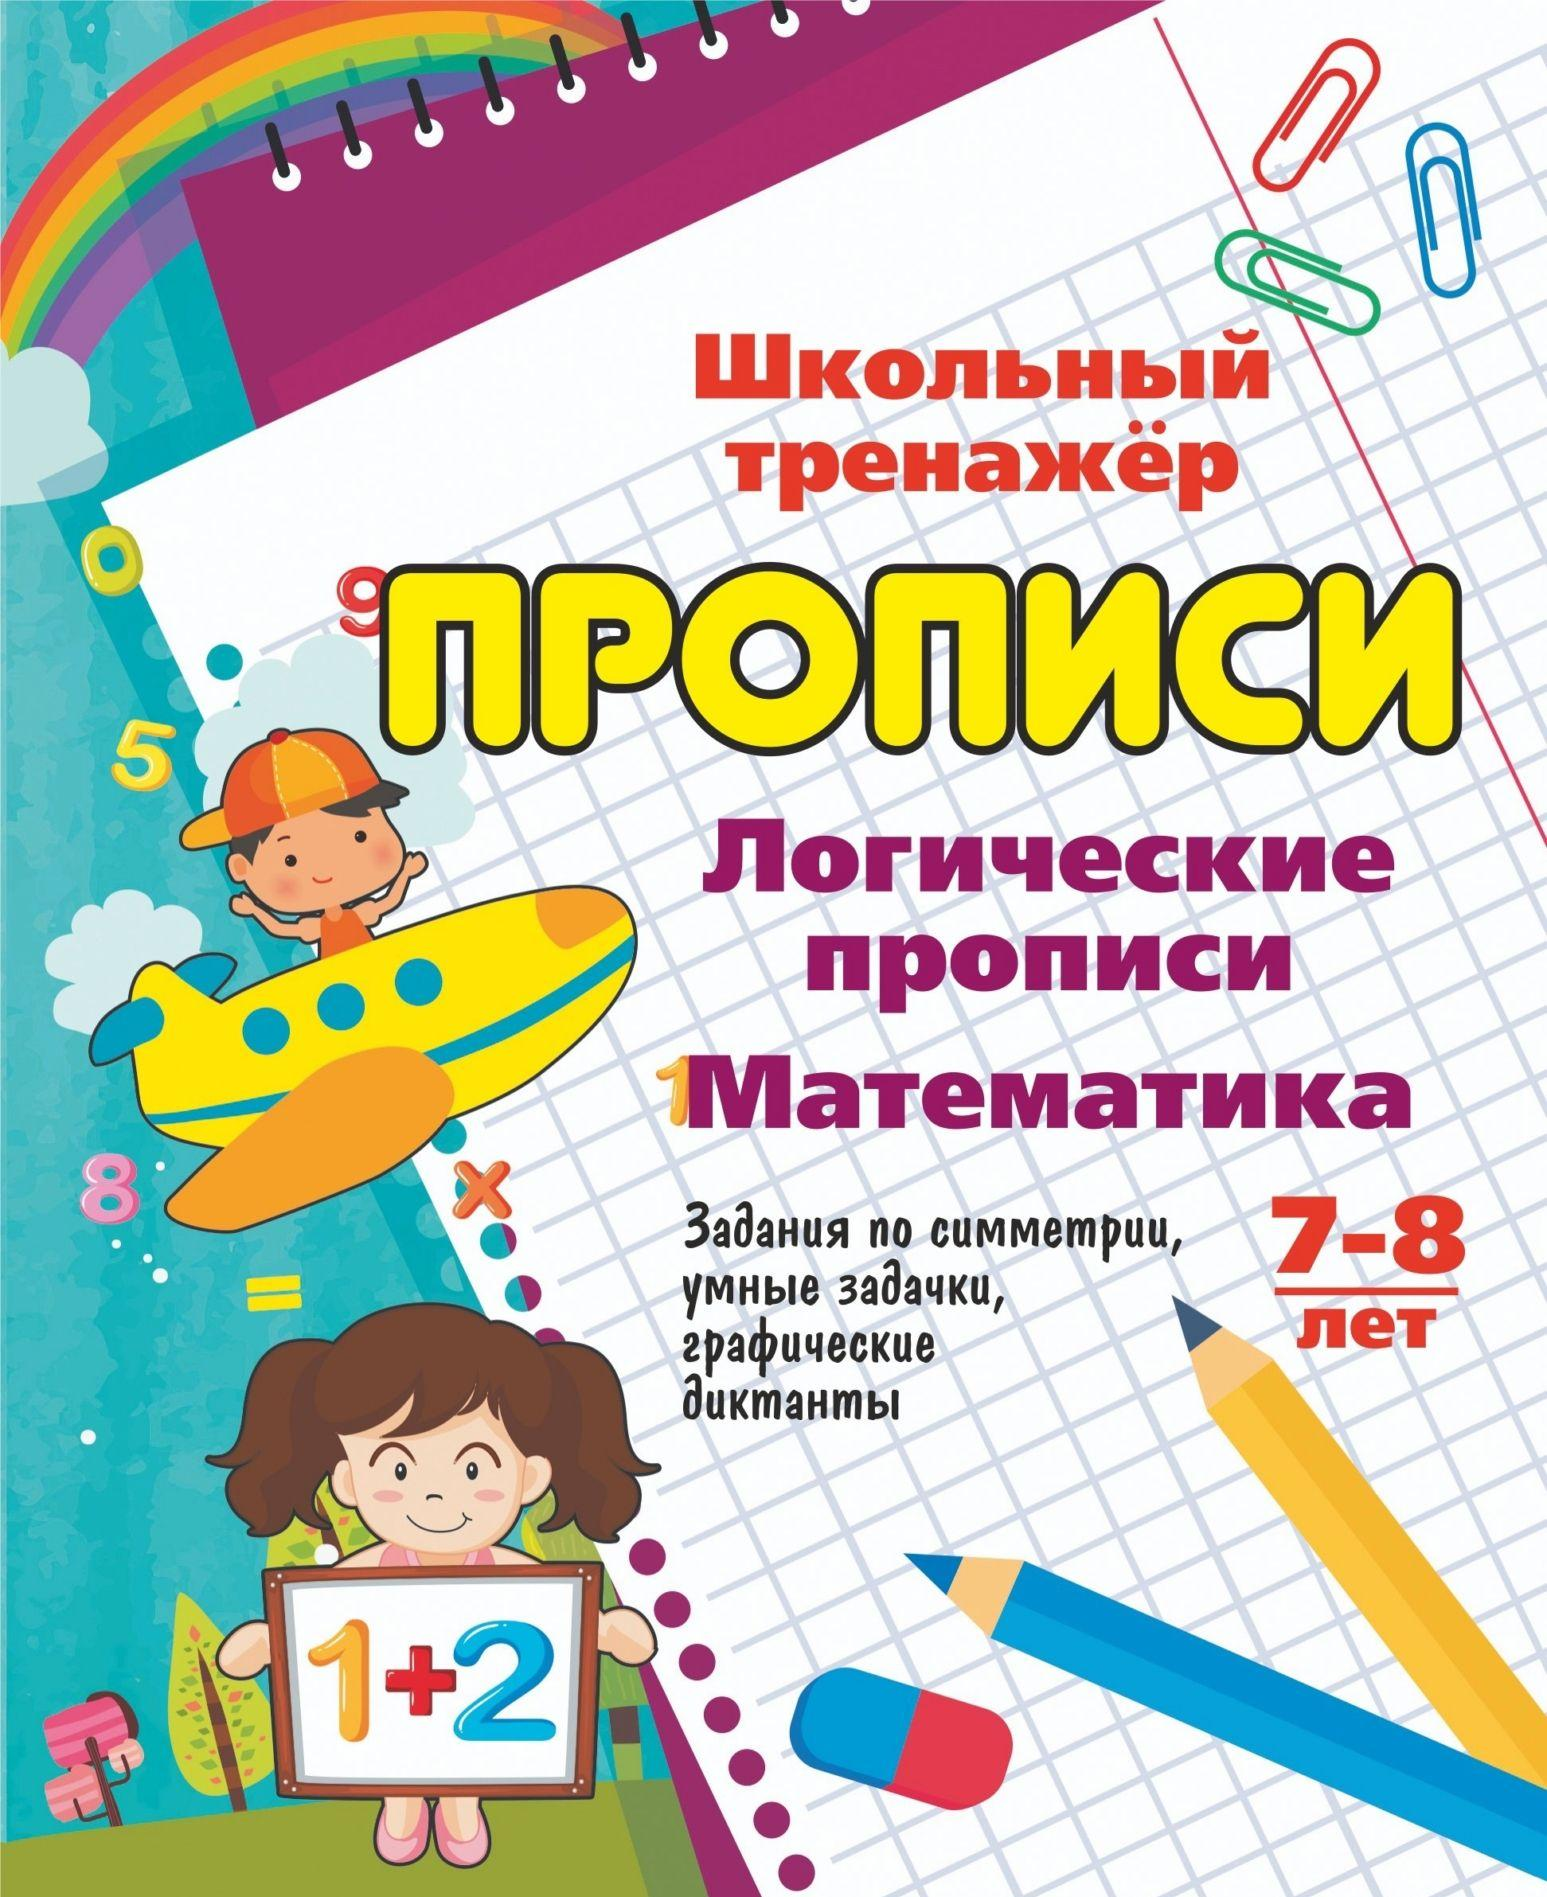 Logicheskie propisi. Matematika. 7-8 let. (1-2 klassy): Zadanija po simmetrii, umnye zadachki, graficheskie diktanty